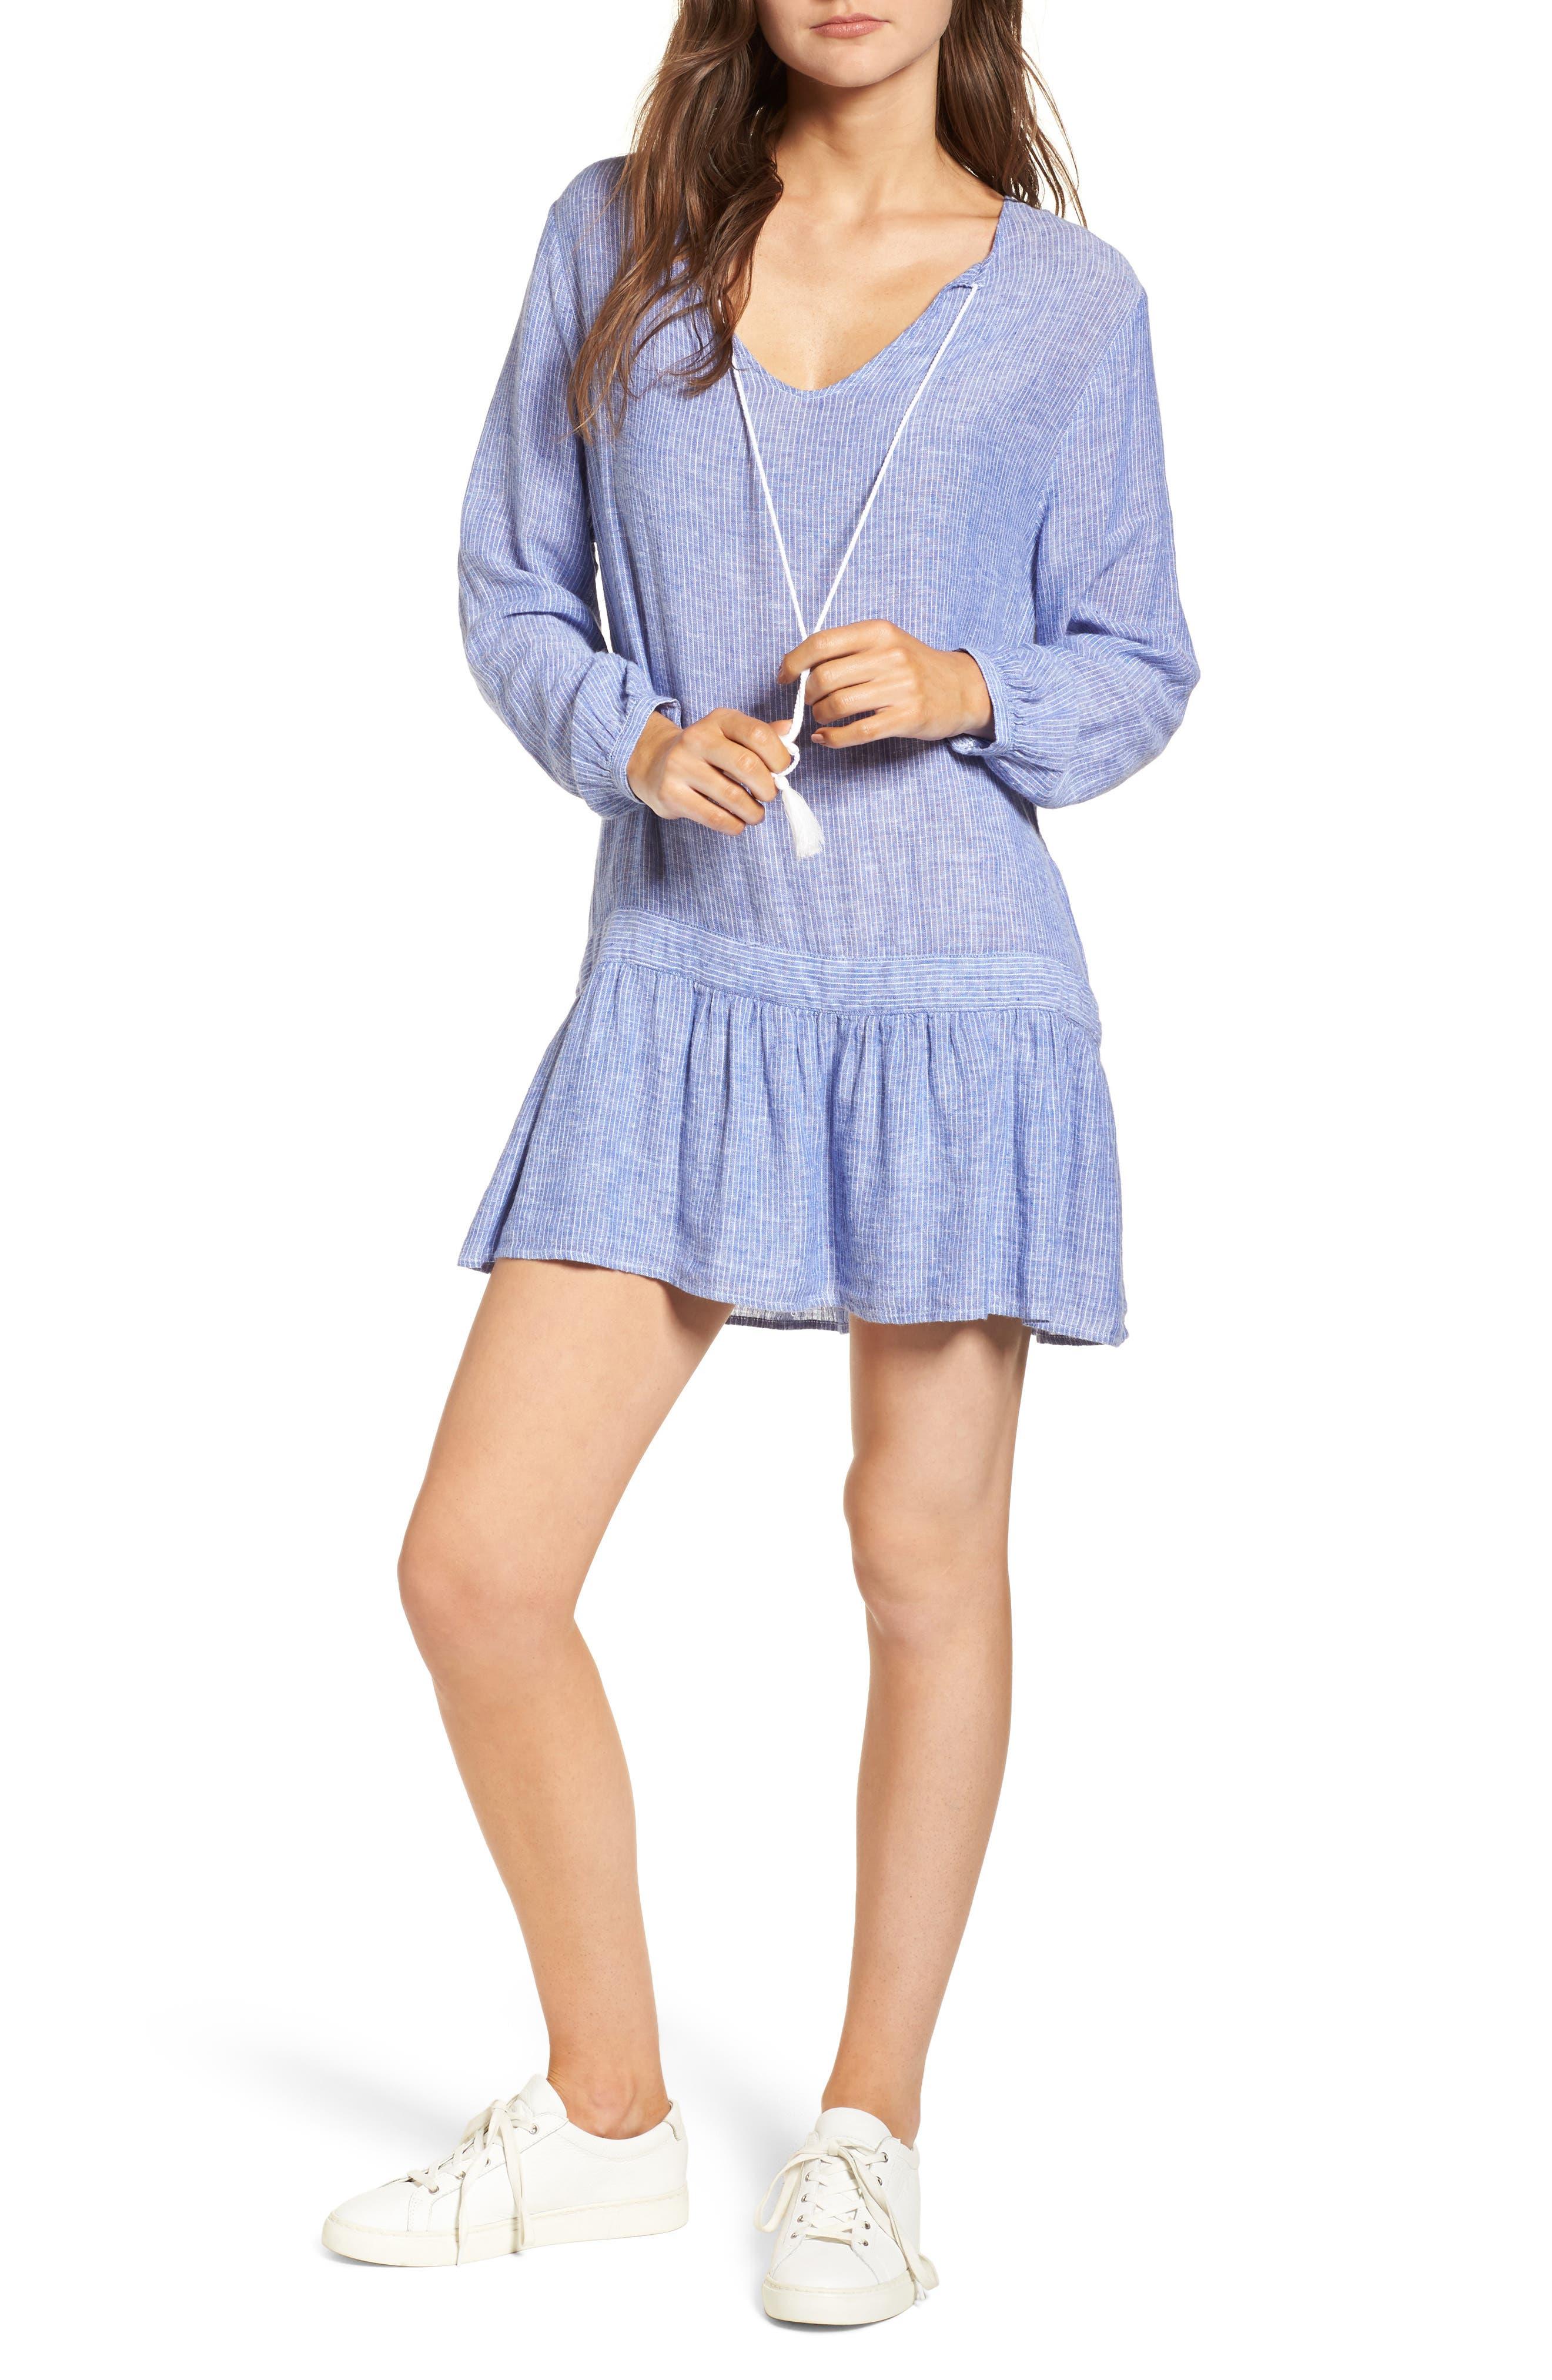 Lydia Dress,                         Main,                         color, Royal White Stripe